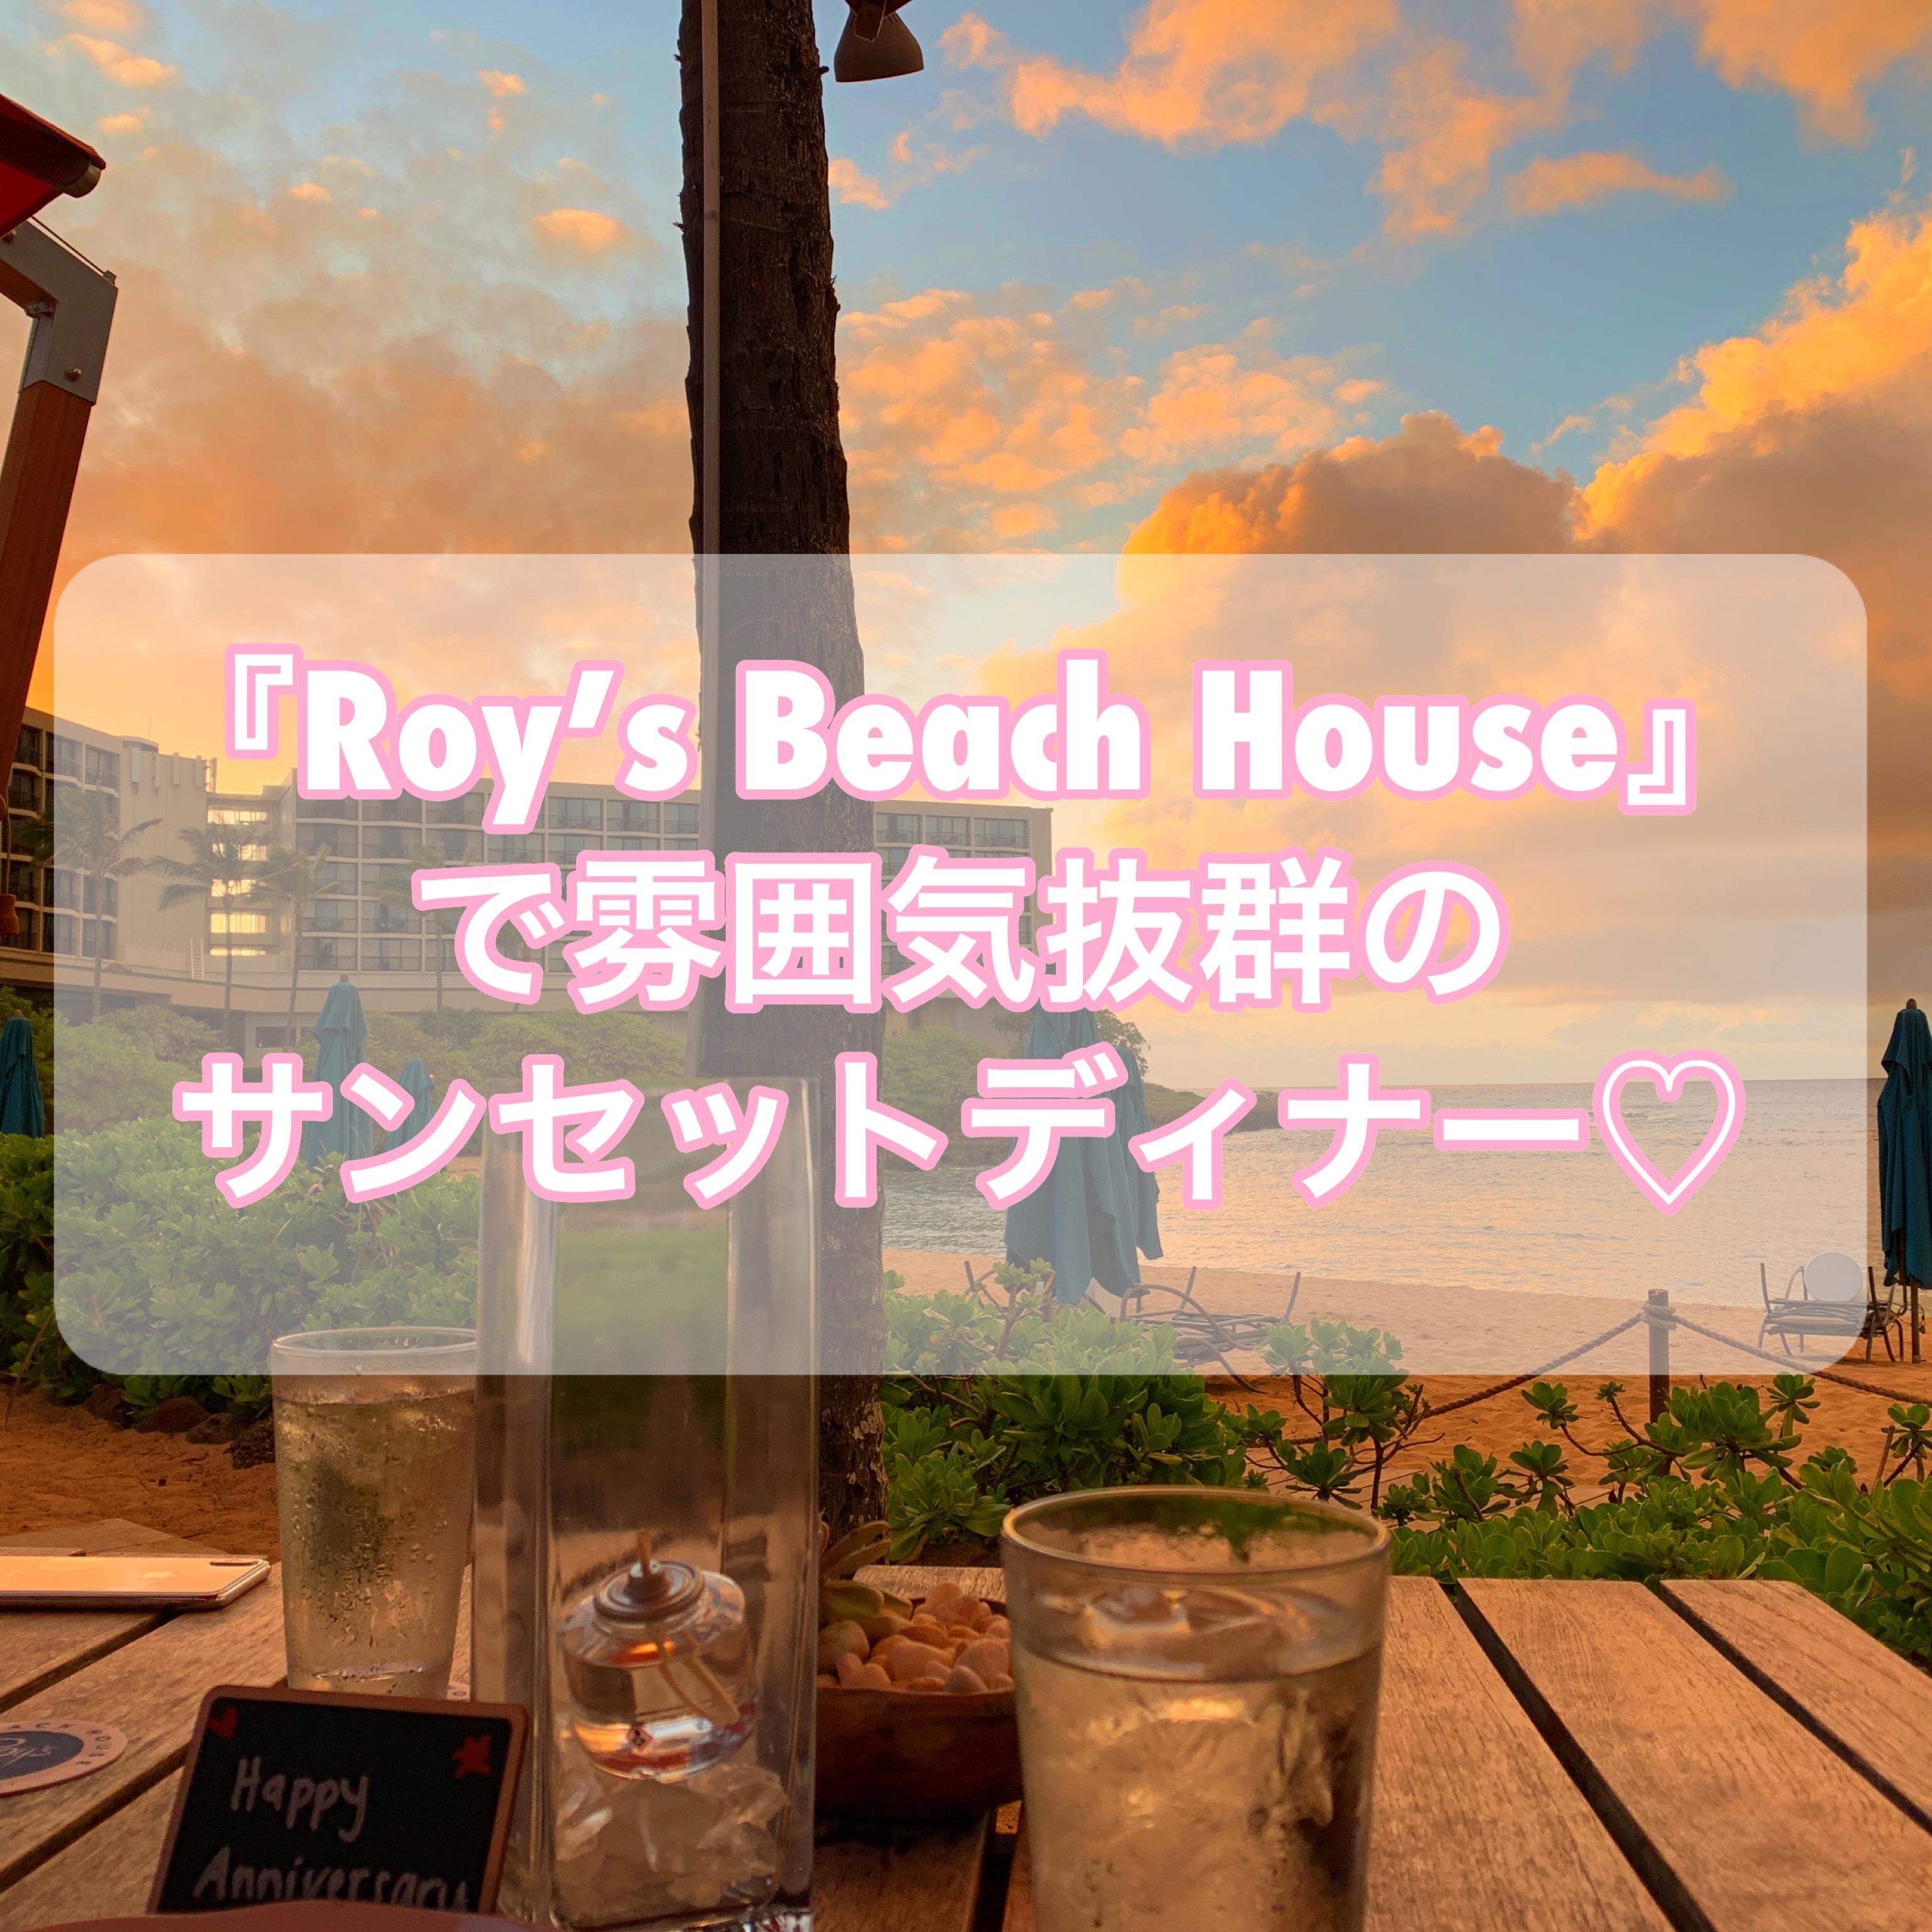 【ハワイグルメ】「ロイズ・ビーチハウス」サンセットディナー【タートルベイリゾート】